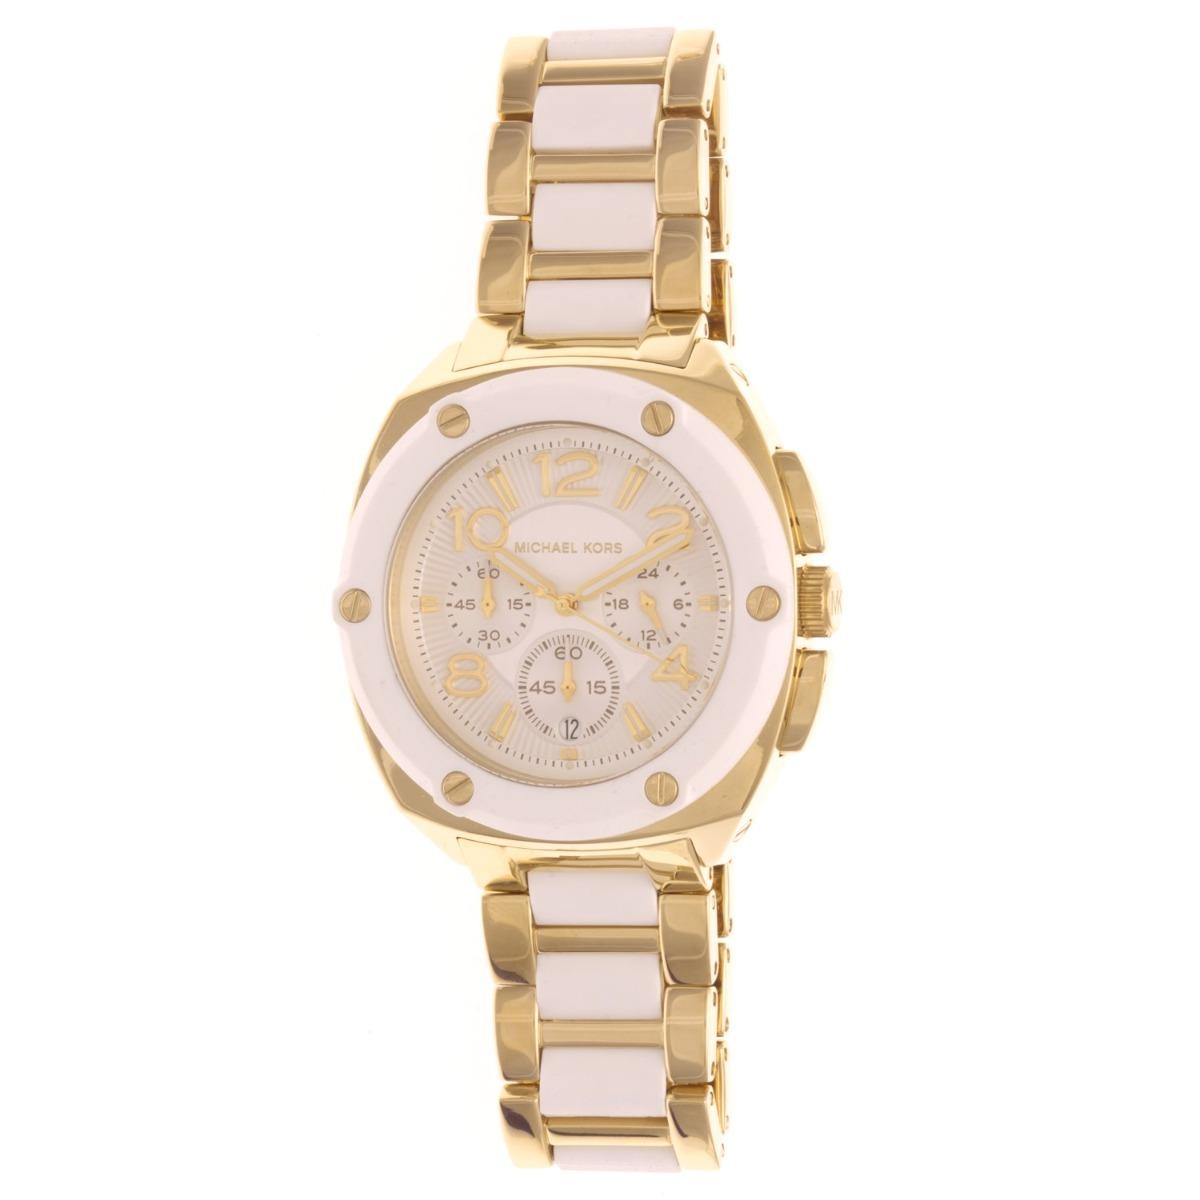 4b16d2a2a relógio michael kors mk5731 tribeca orig chron anal gold. Carregando zoom.